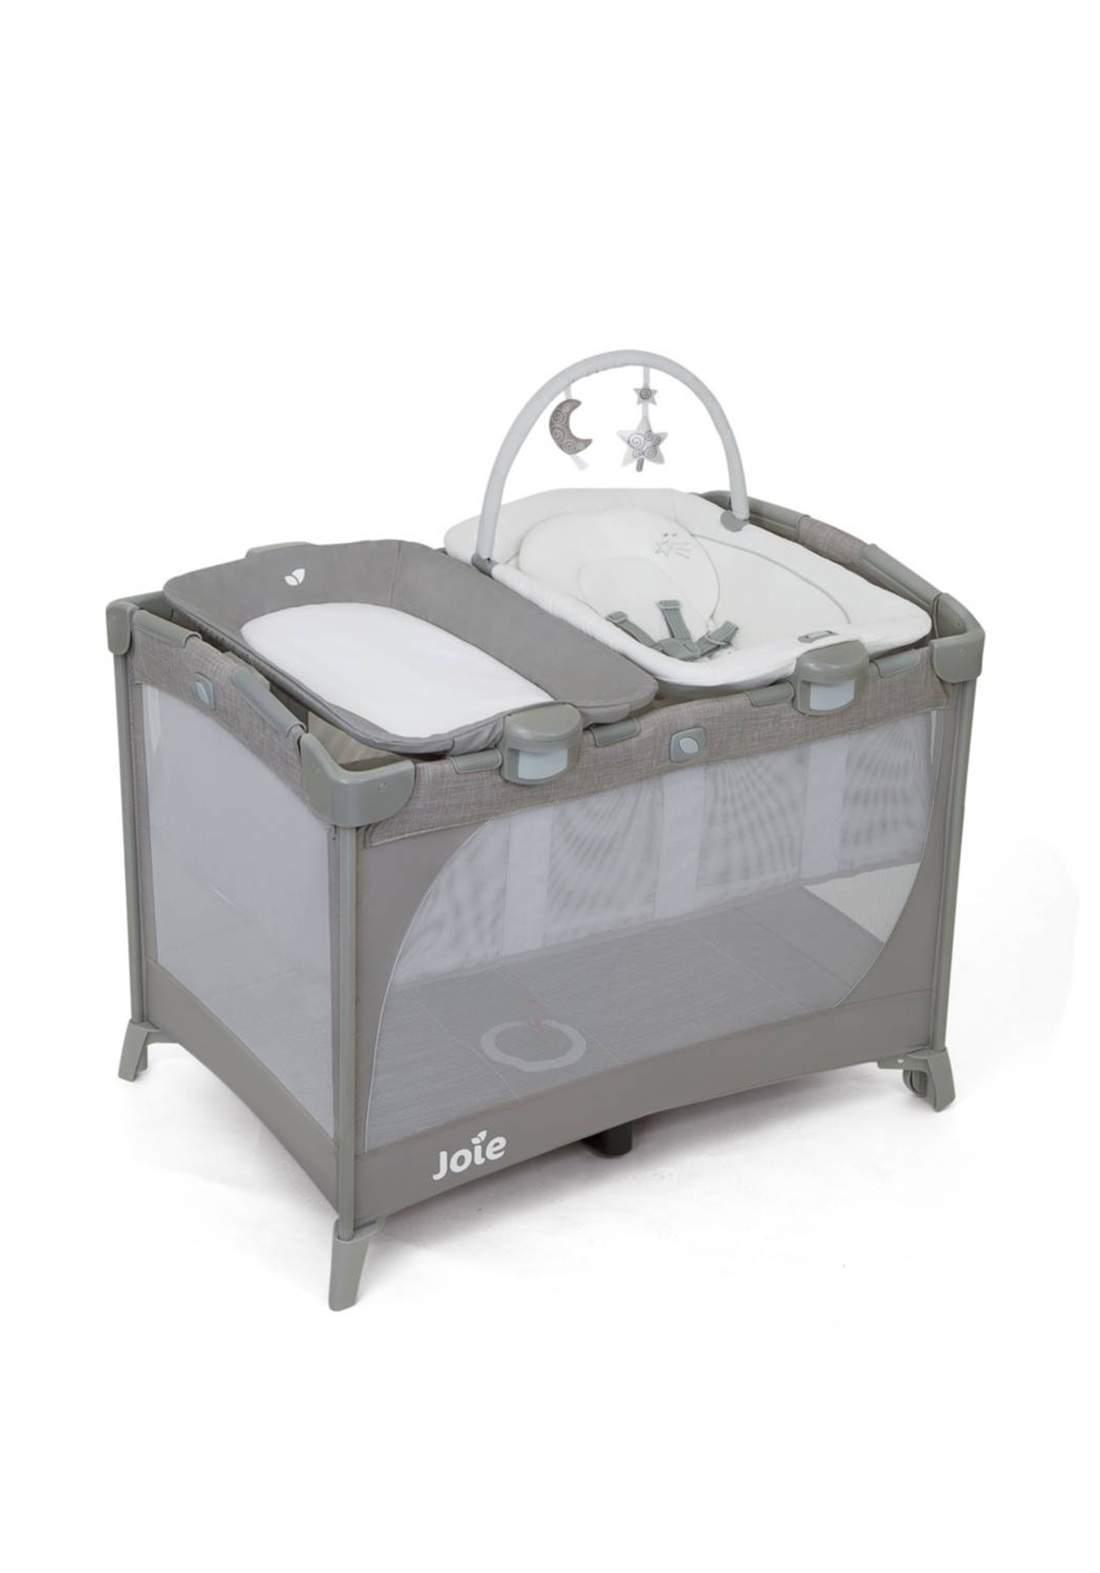 سرير نوم للاطفال حديثي الولادة Joie Baby Baby Bed